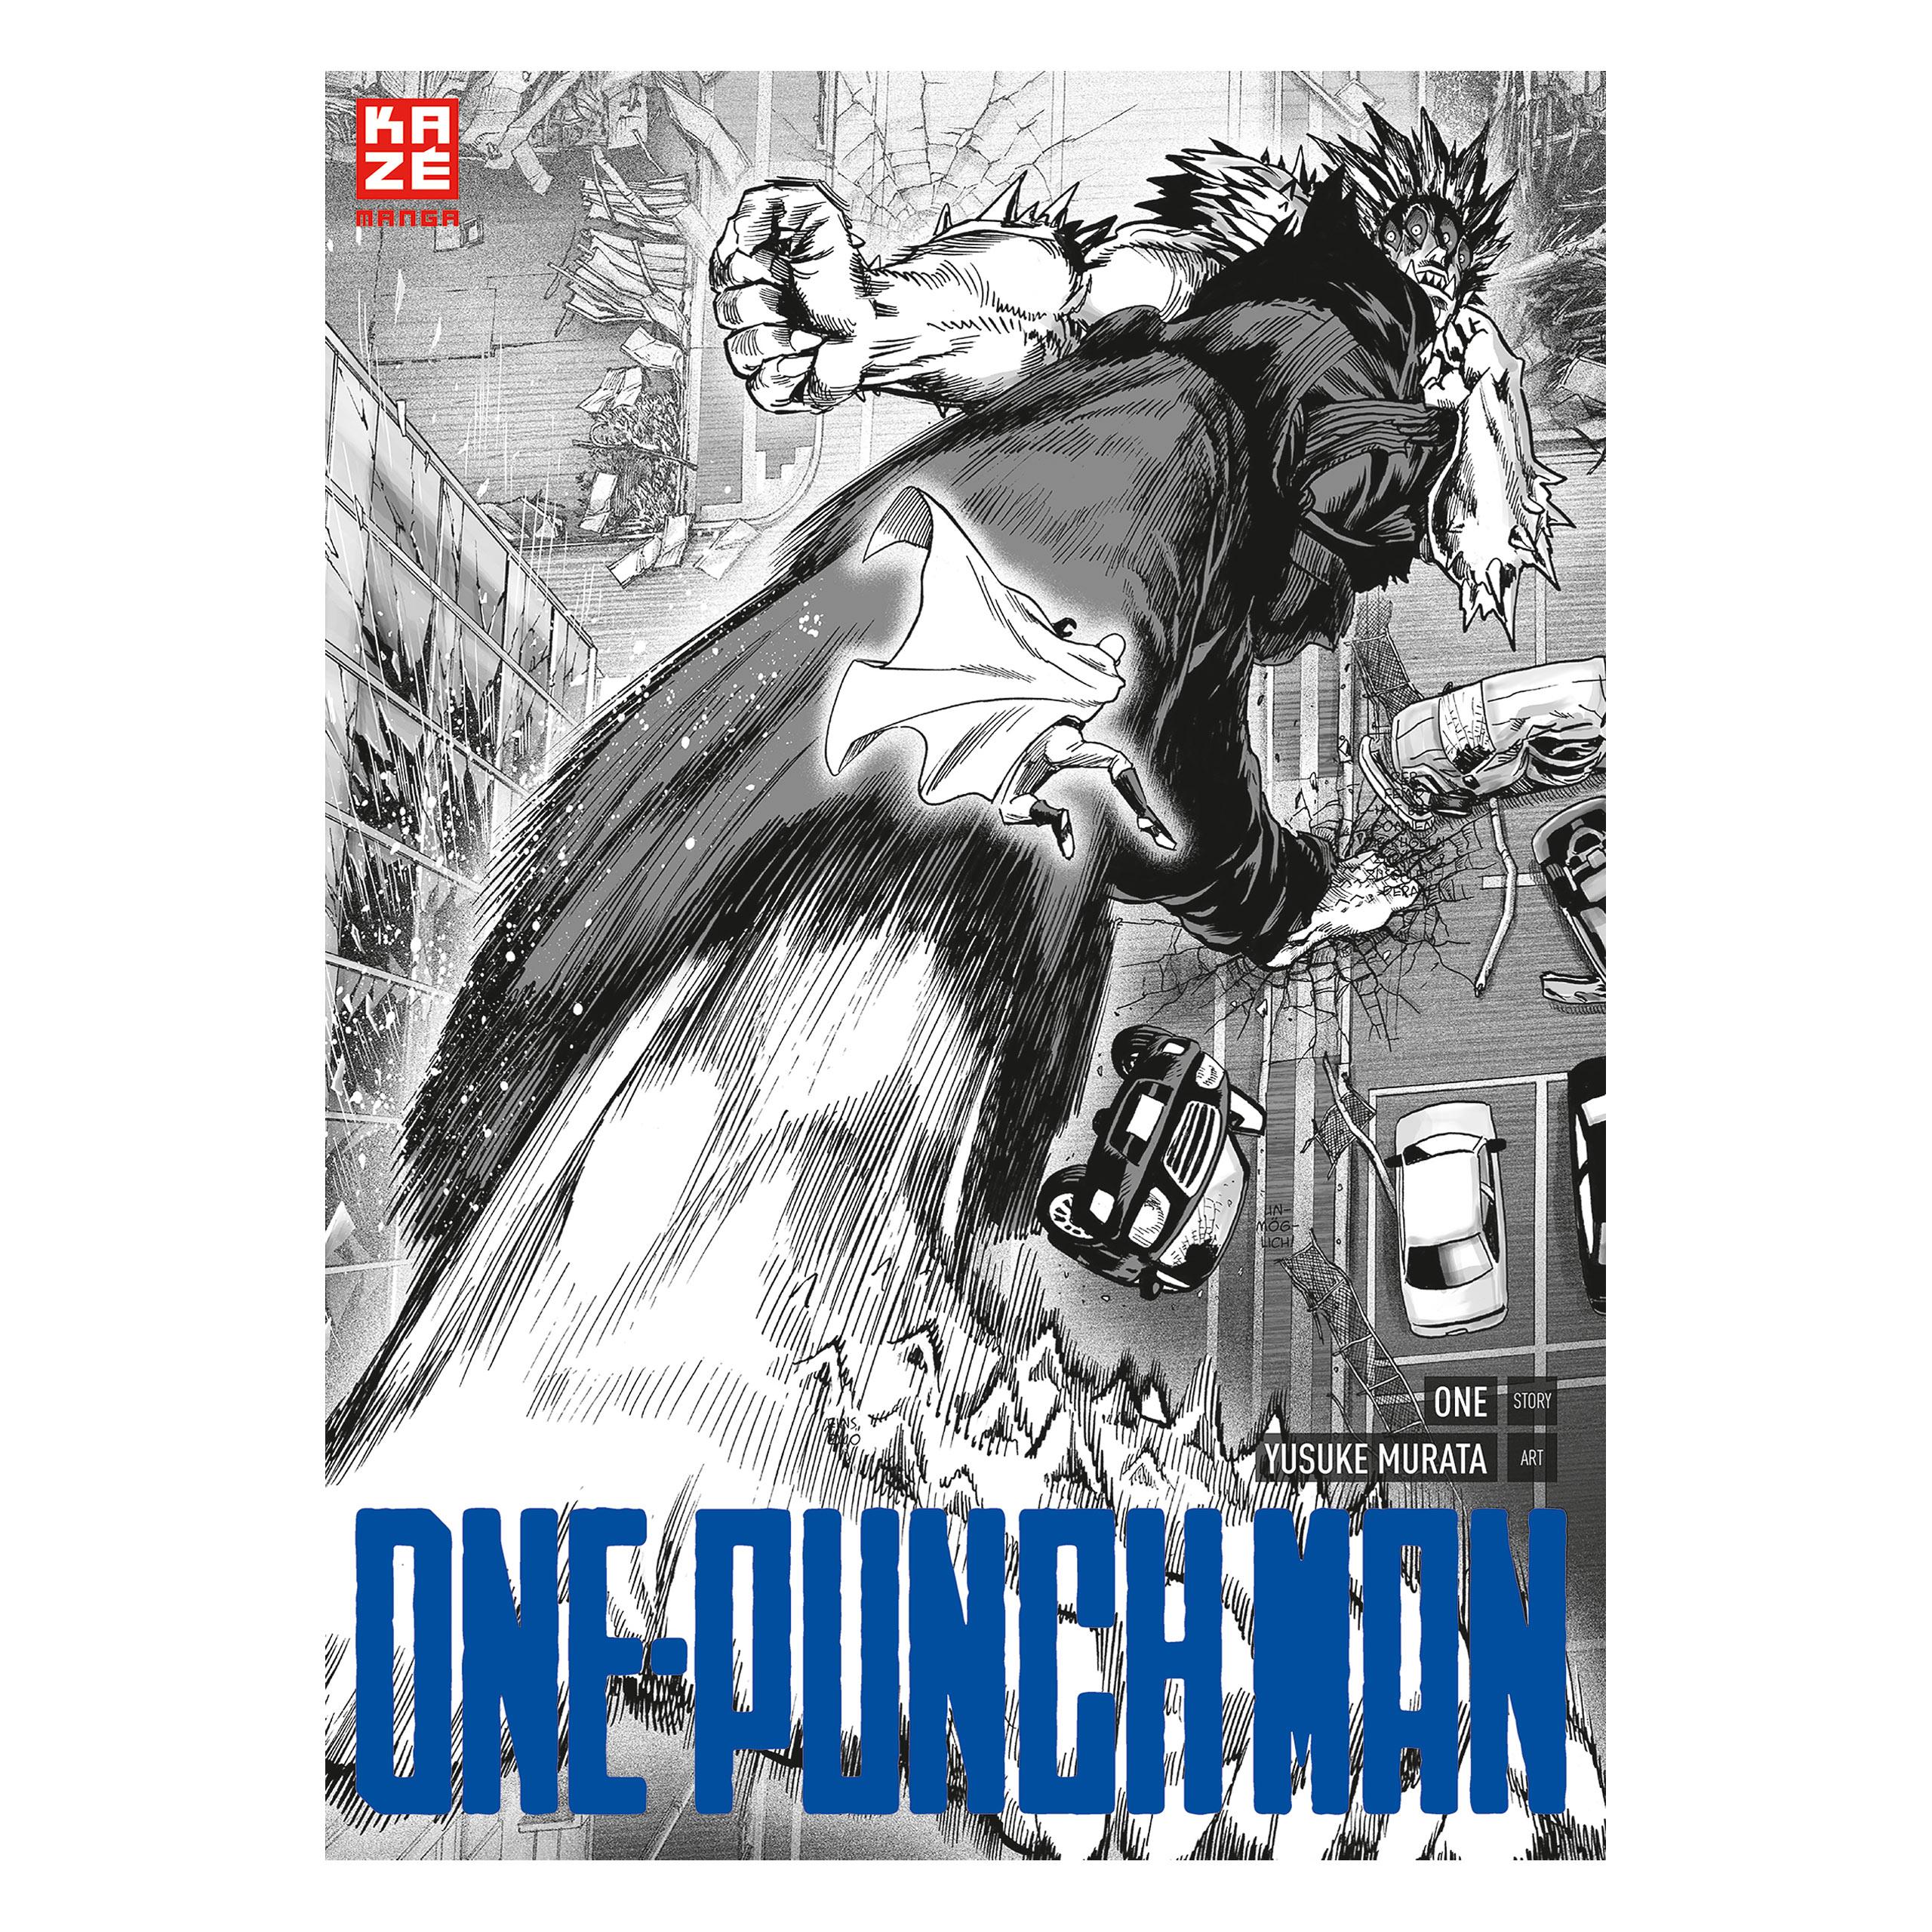 One Punch Man - Band 11-15 im Sammelschuber